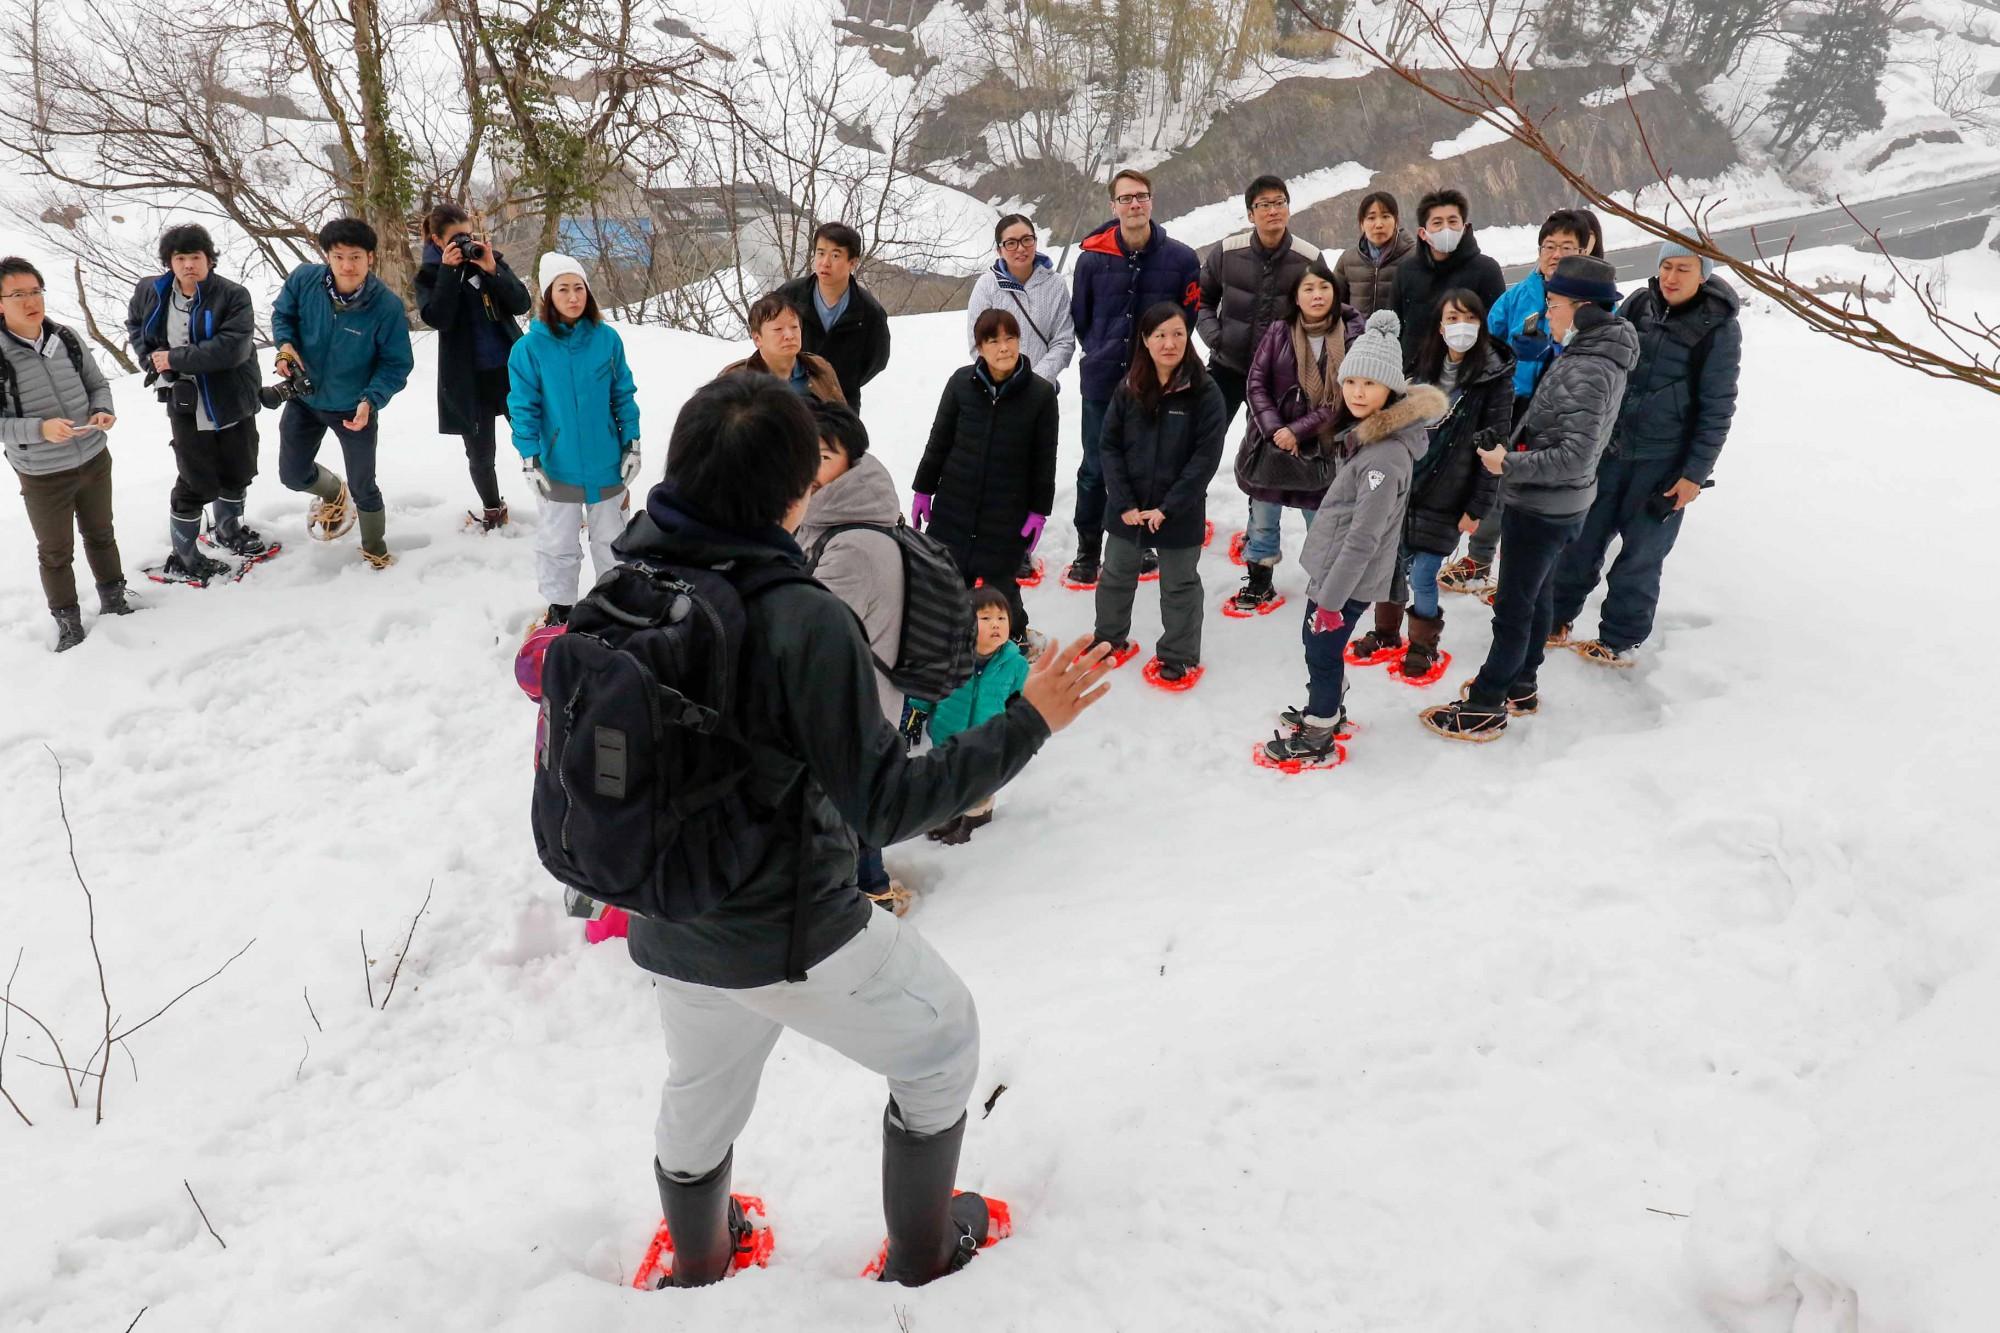 雪道は危険もたくさん。夢中になって雪庇(せっぴ)を踏み抜いたりしないよう、レクチャーが行われました。